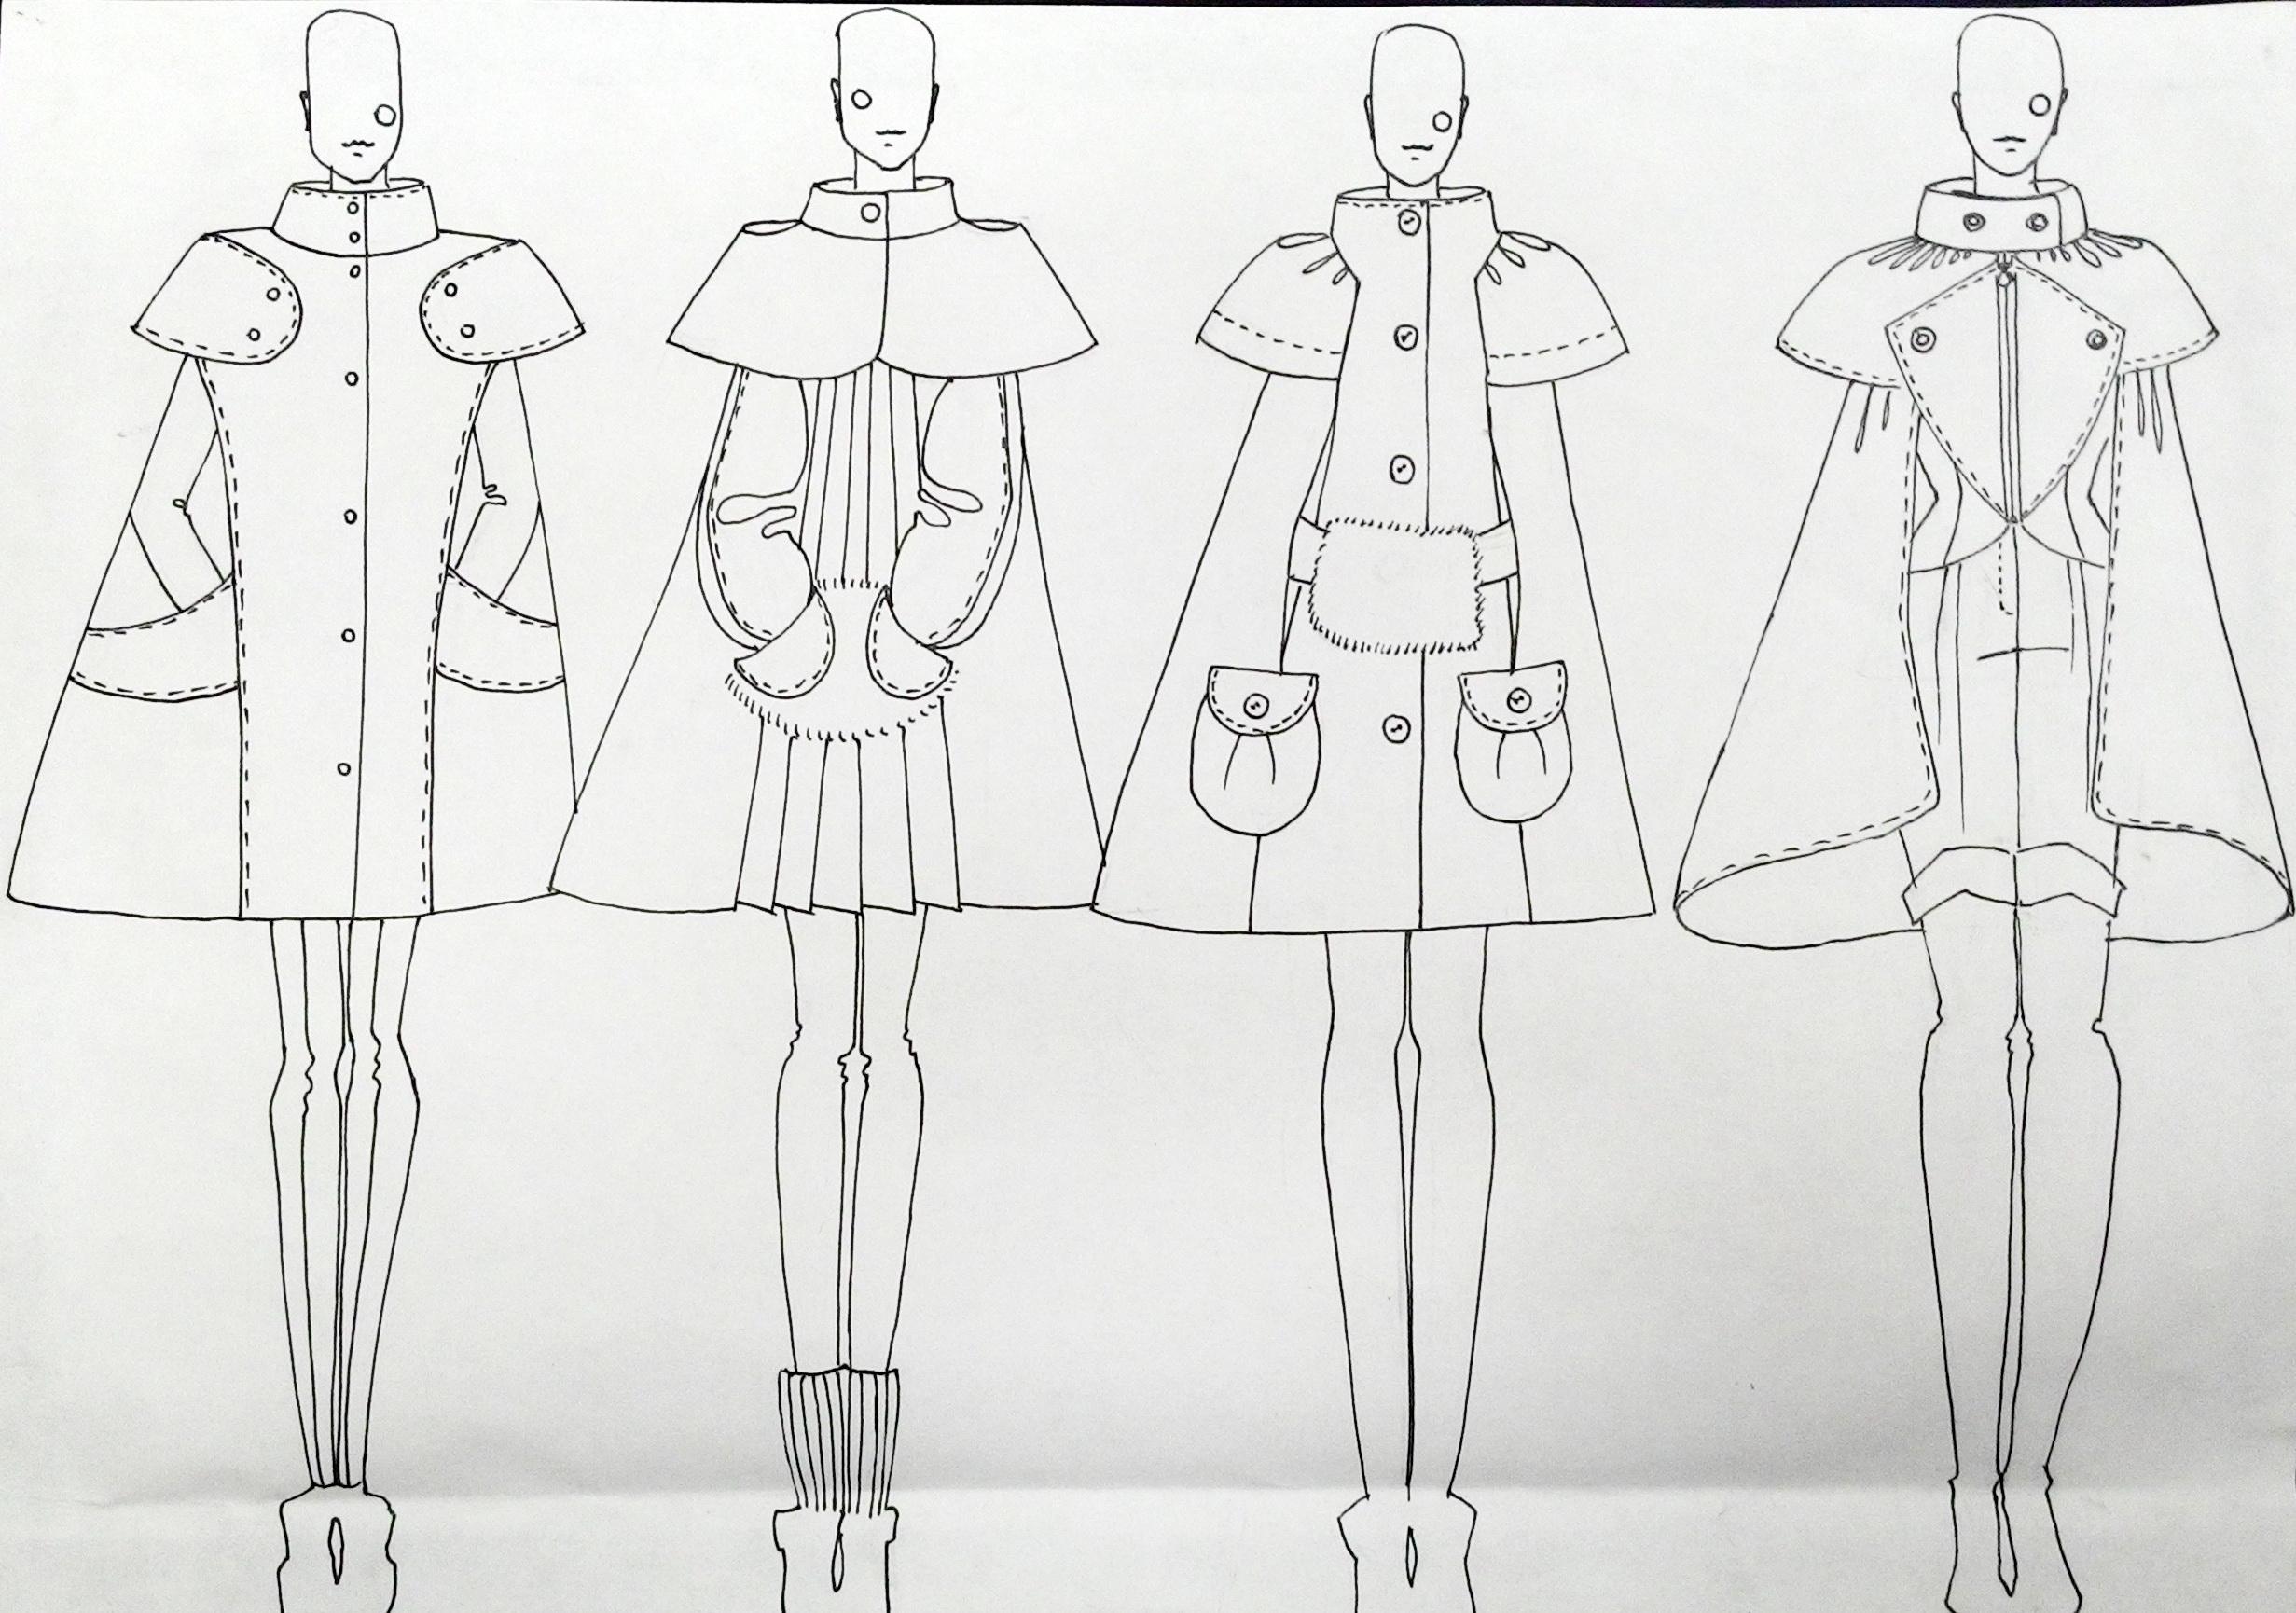 Технический рисунок модели одежды